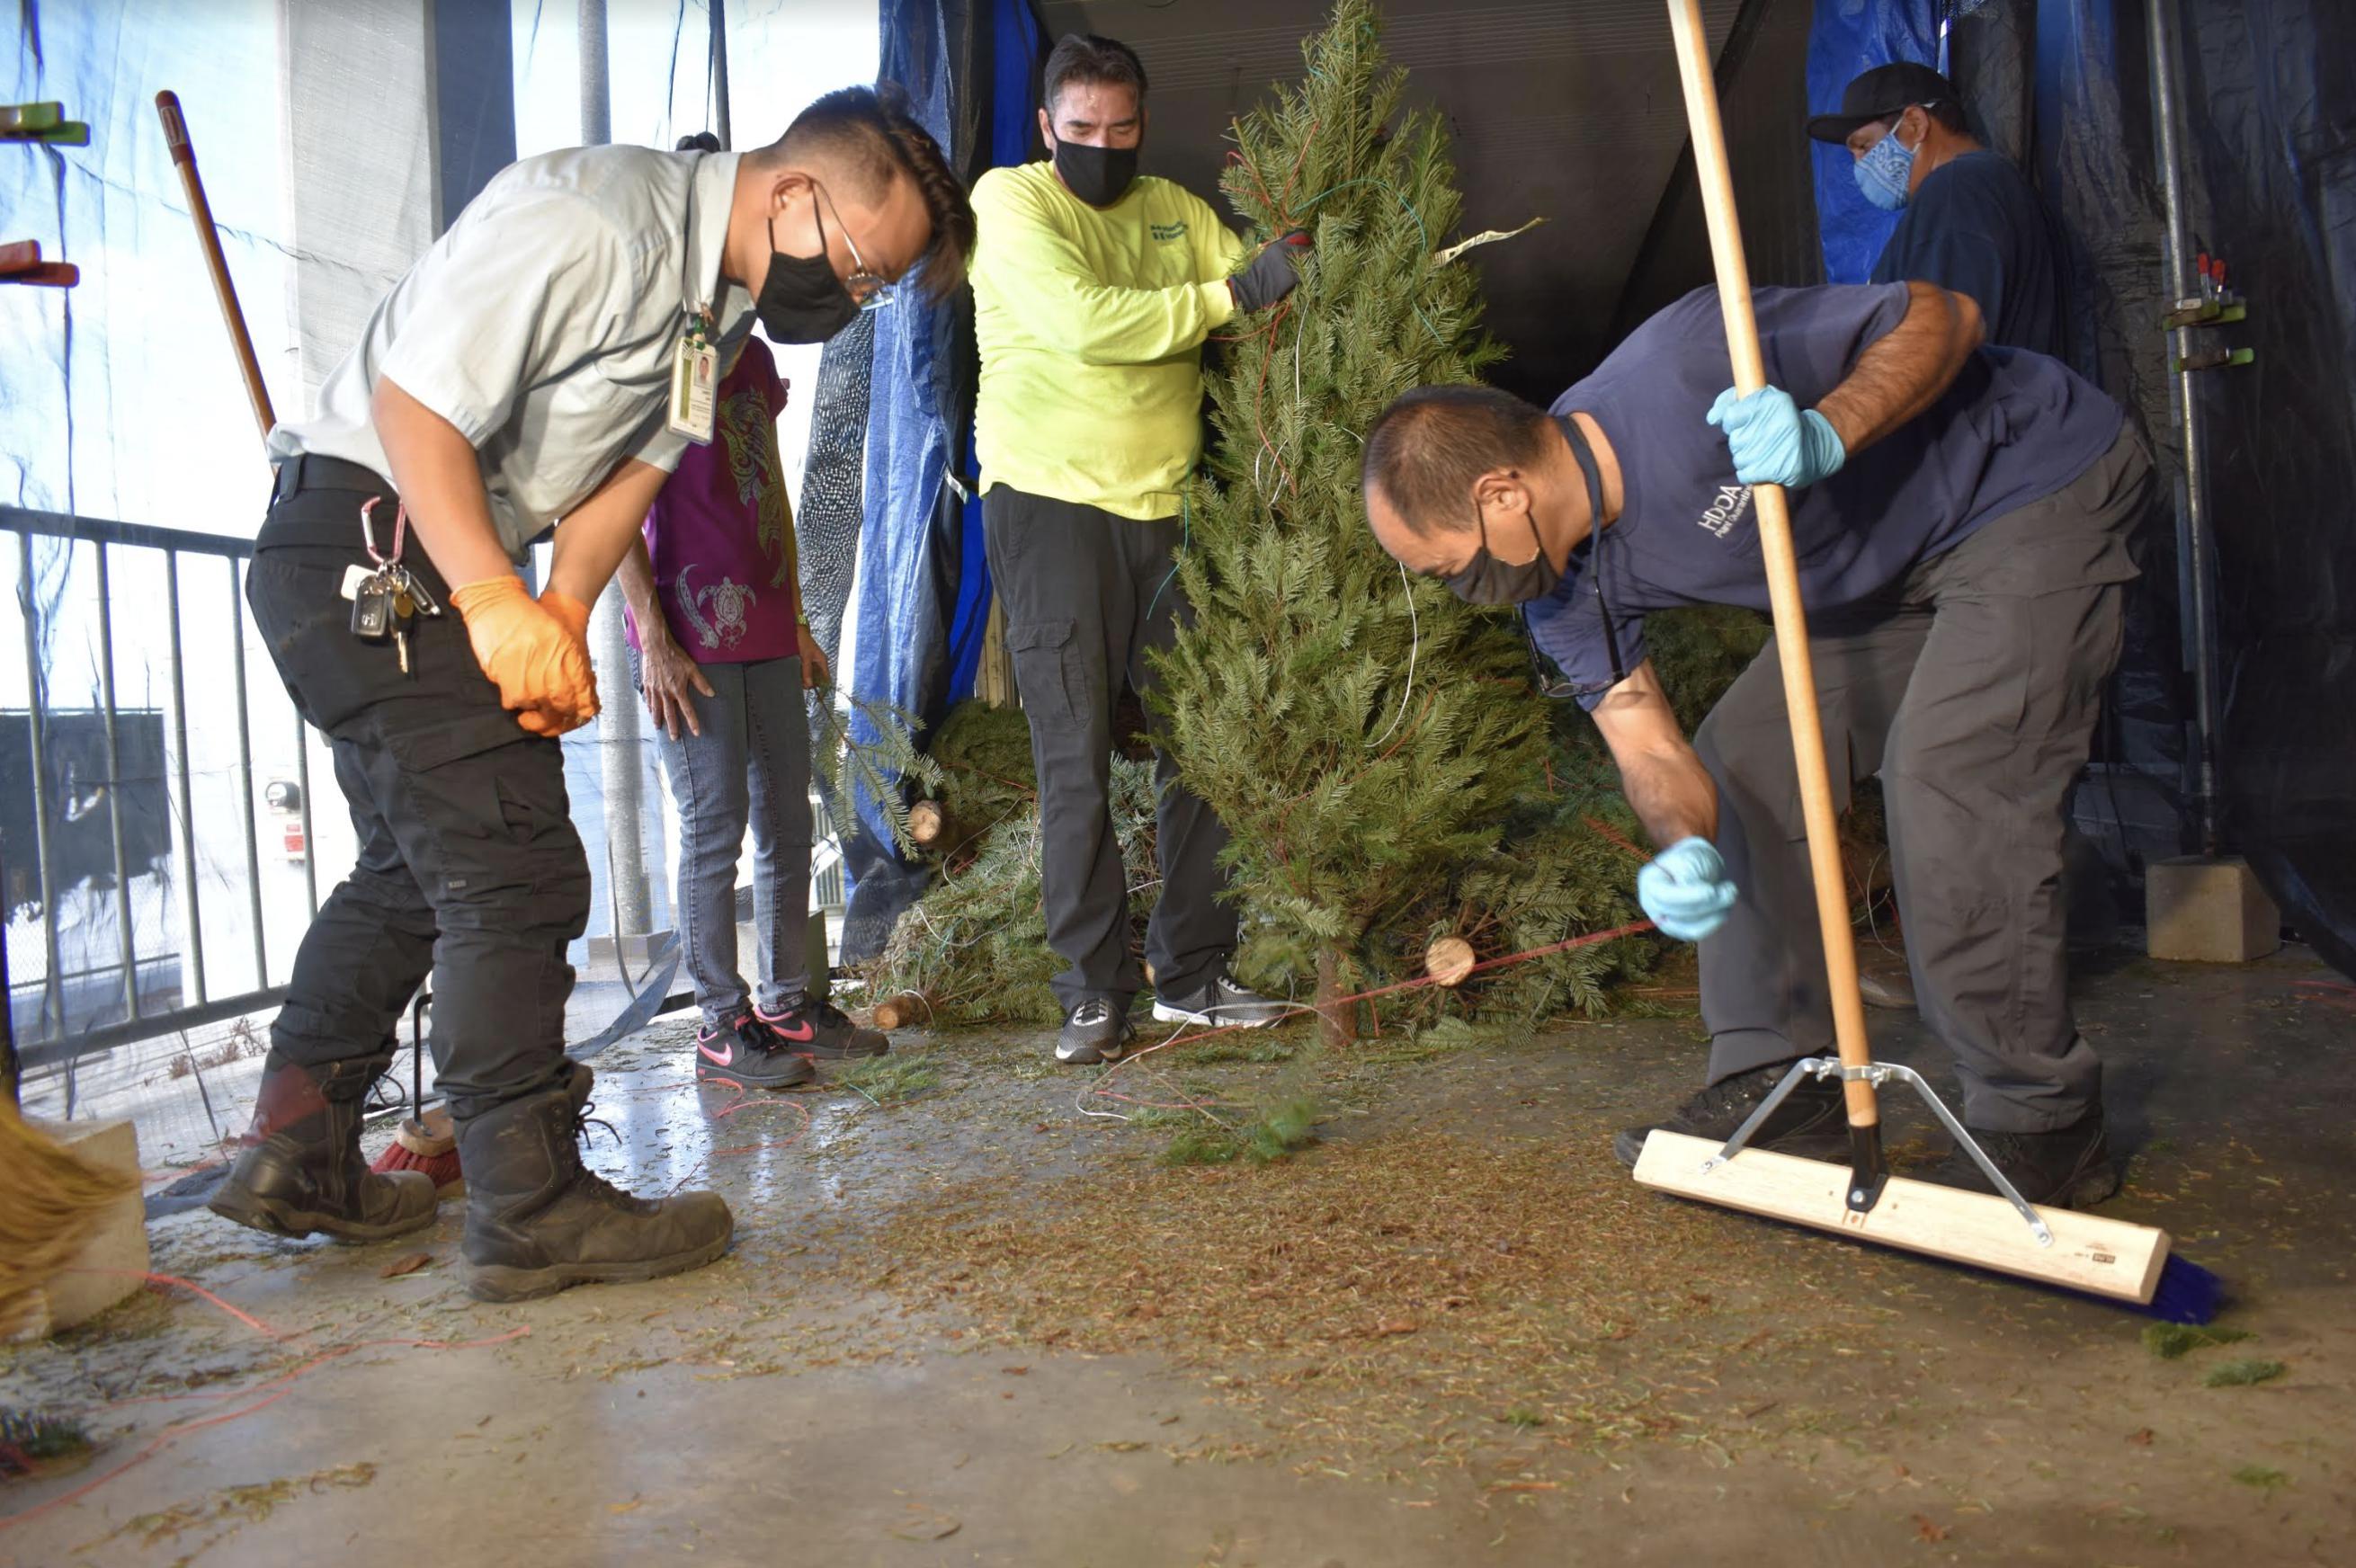 Garter Snake Found in Christmas Tree Shipment